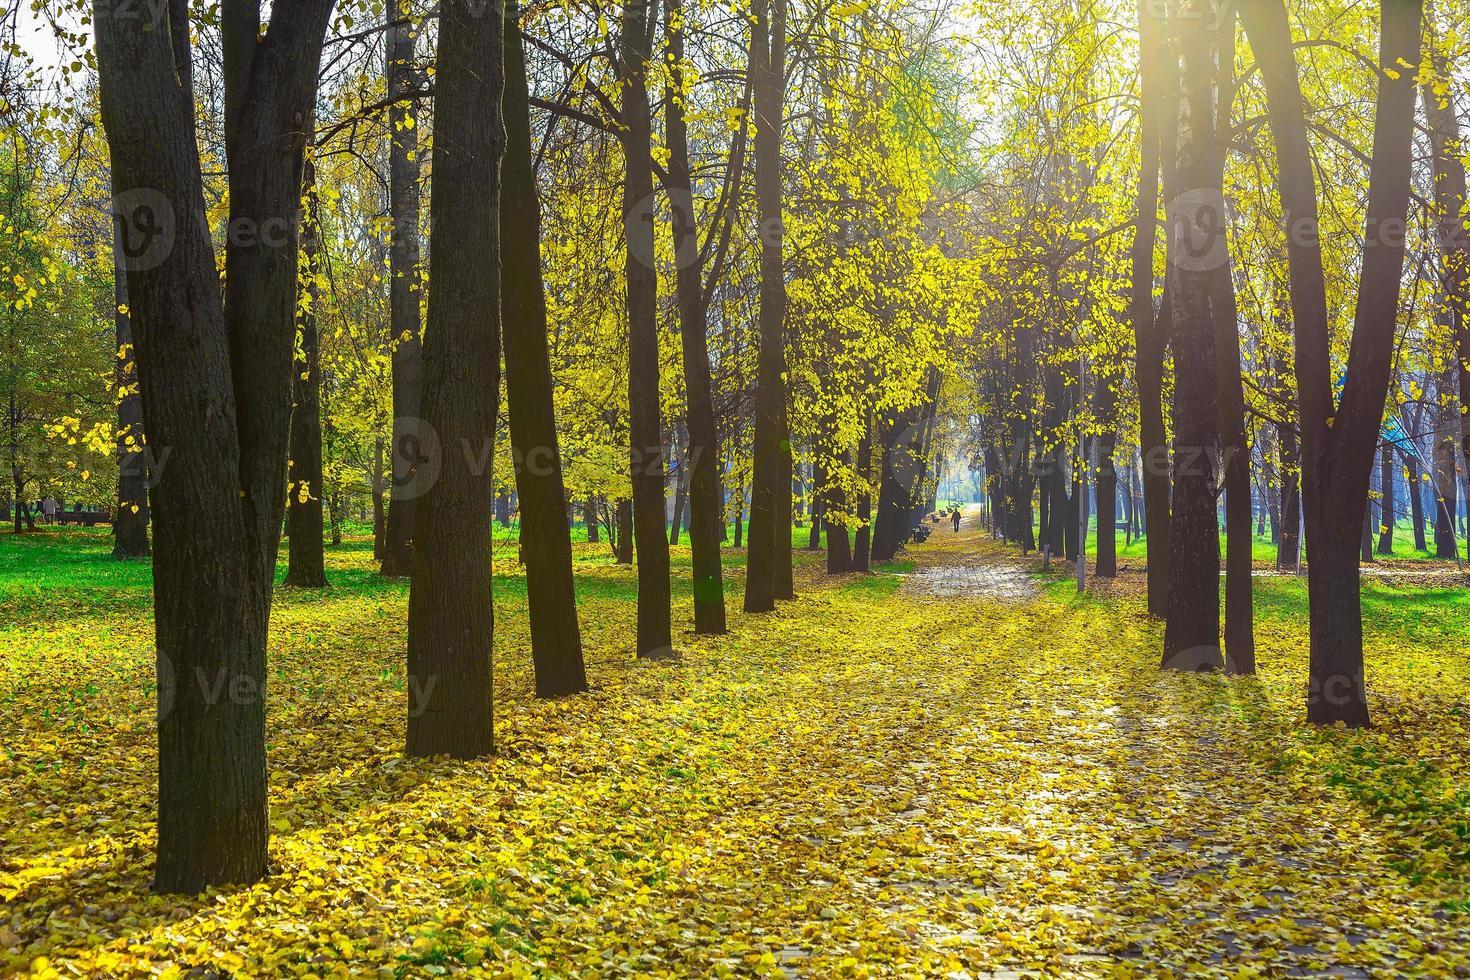 fila di alberi in autunno tra il fogliame giallo caduto foto